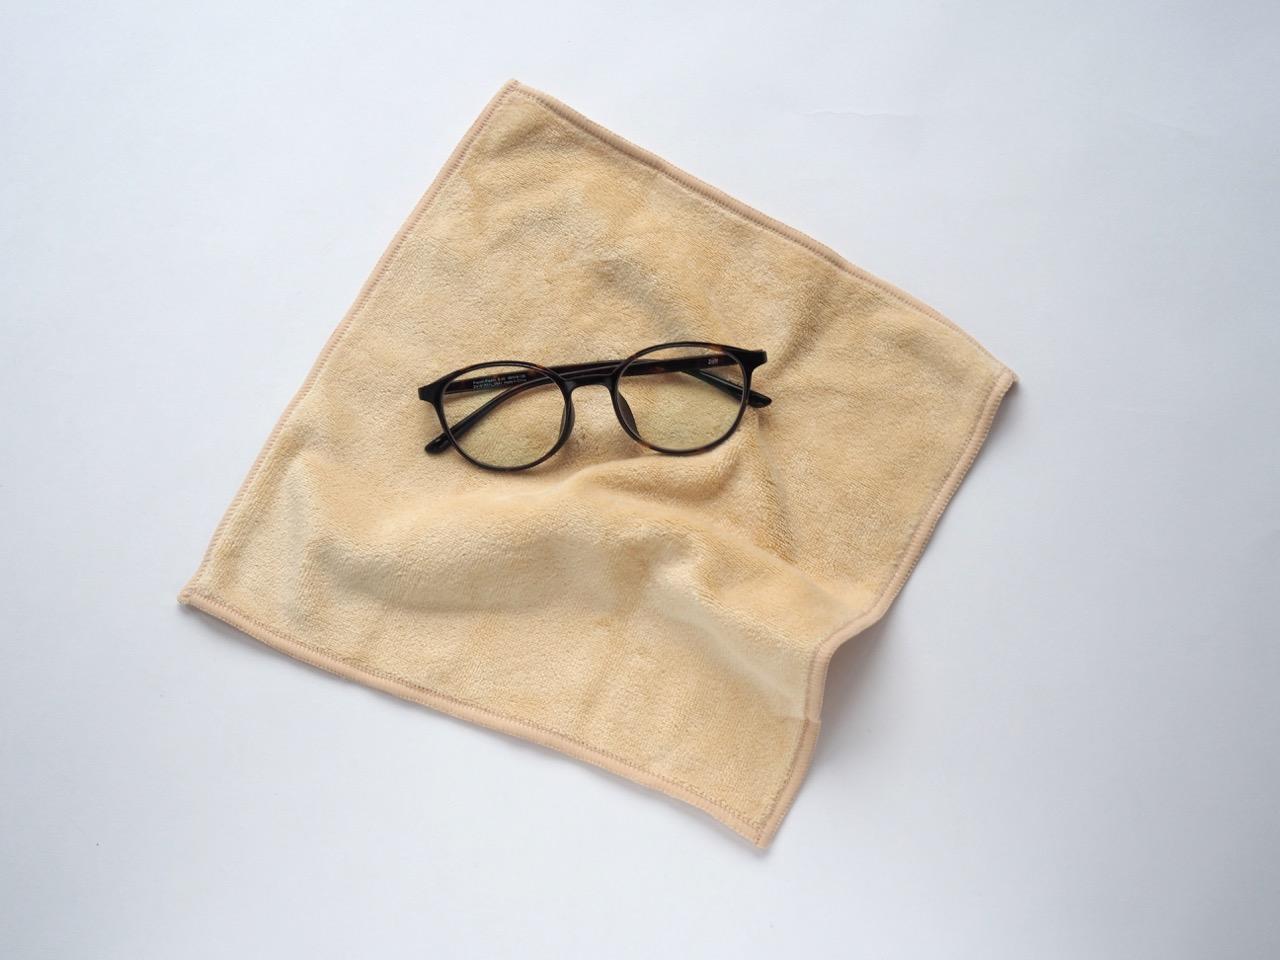 スマホもメガネも拭ける手拭い